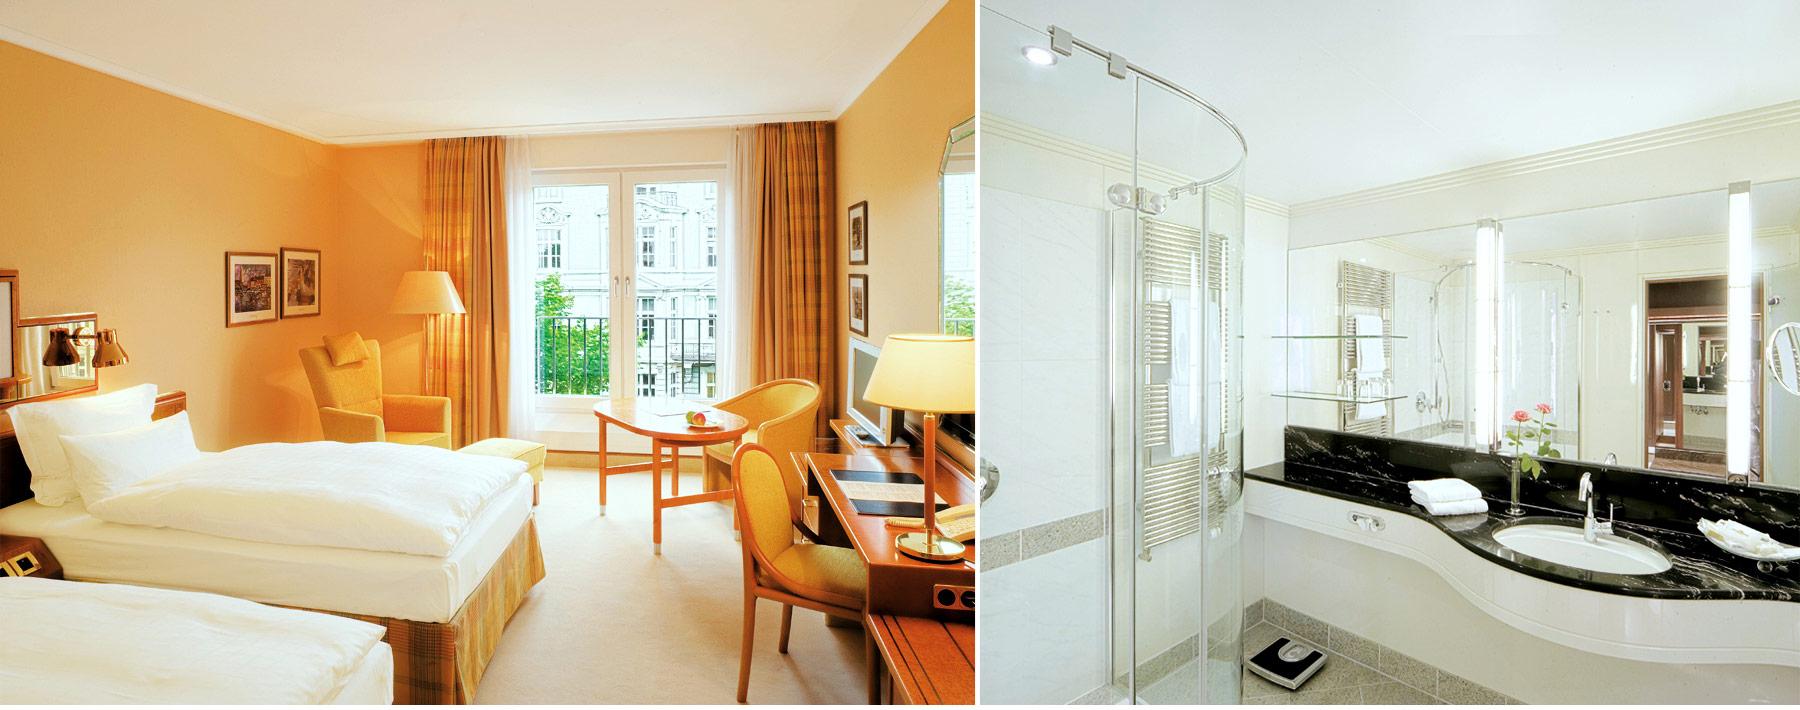 Referenz Innenarchitektur SDW DESIGN hotel grand elysee Zimmerausstattung